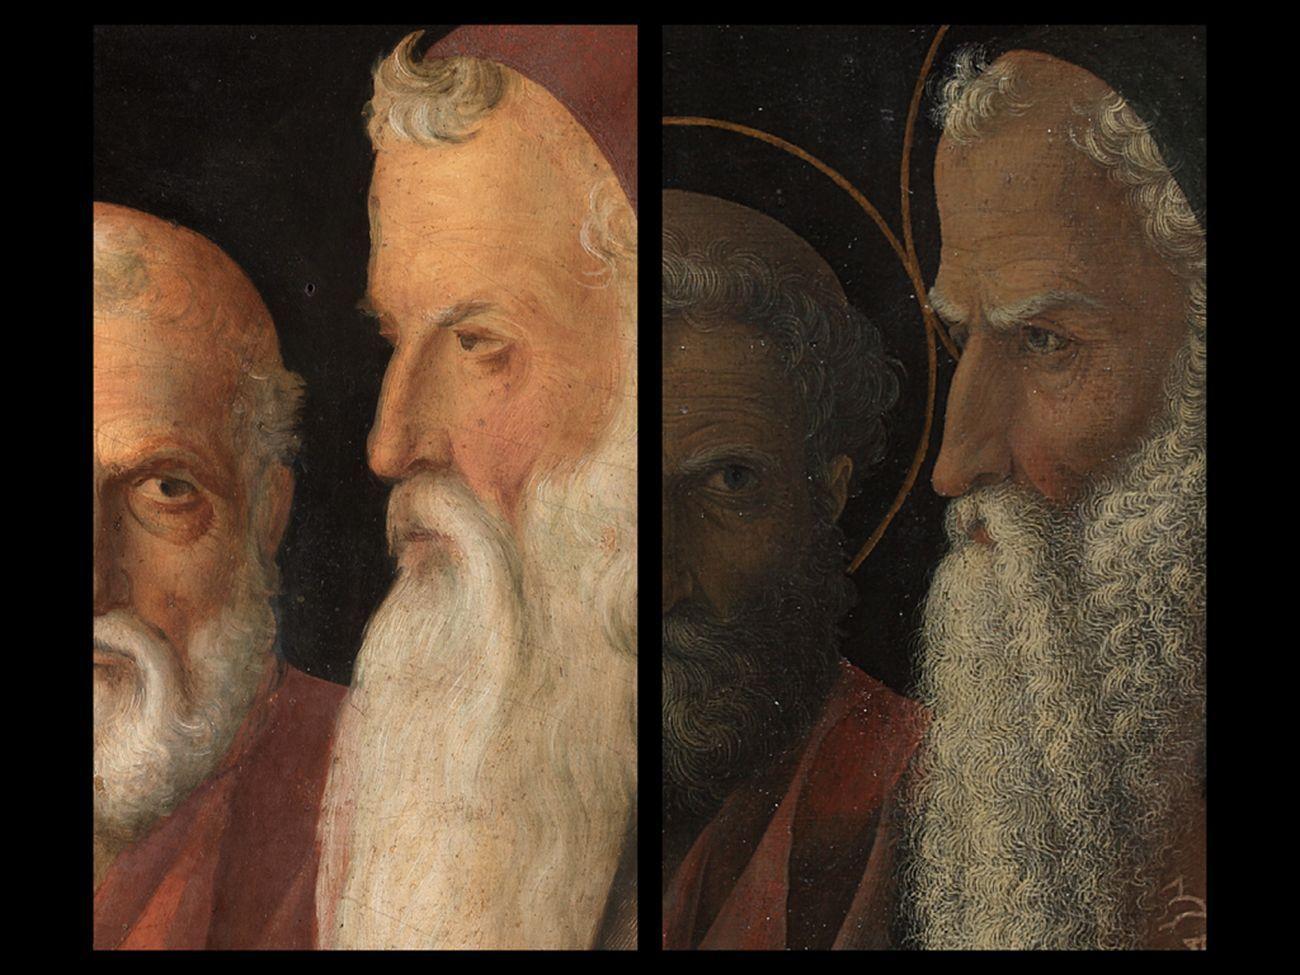 Bellini-Mantegna. Presentazione di Gesù al Tempio. Confronto, San Giuseppe e Simeone